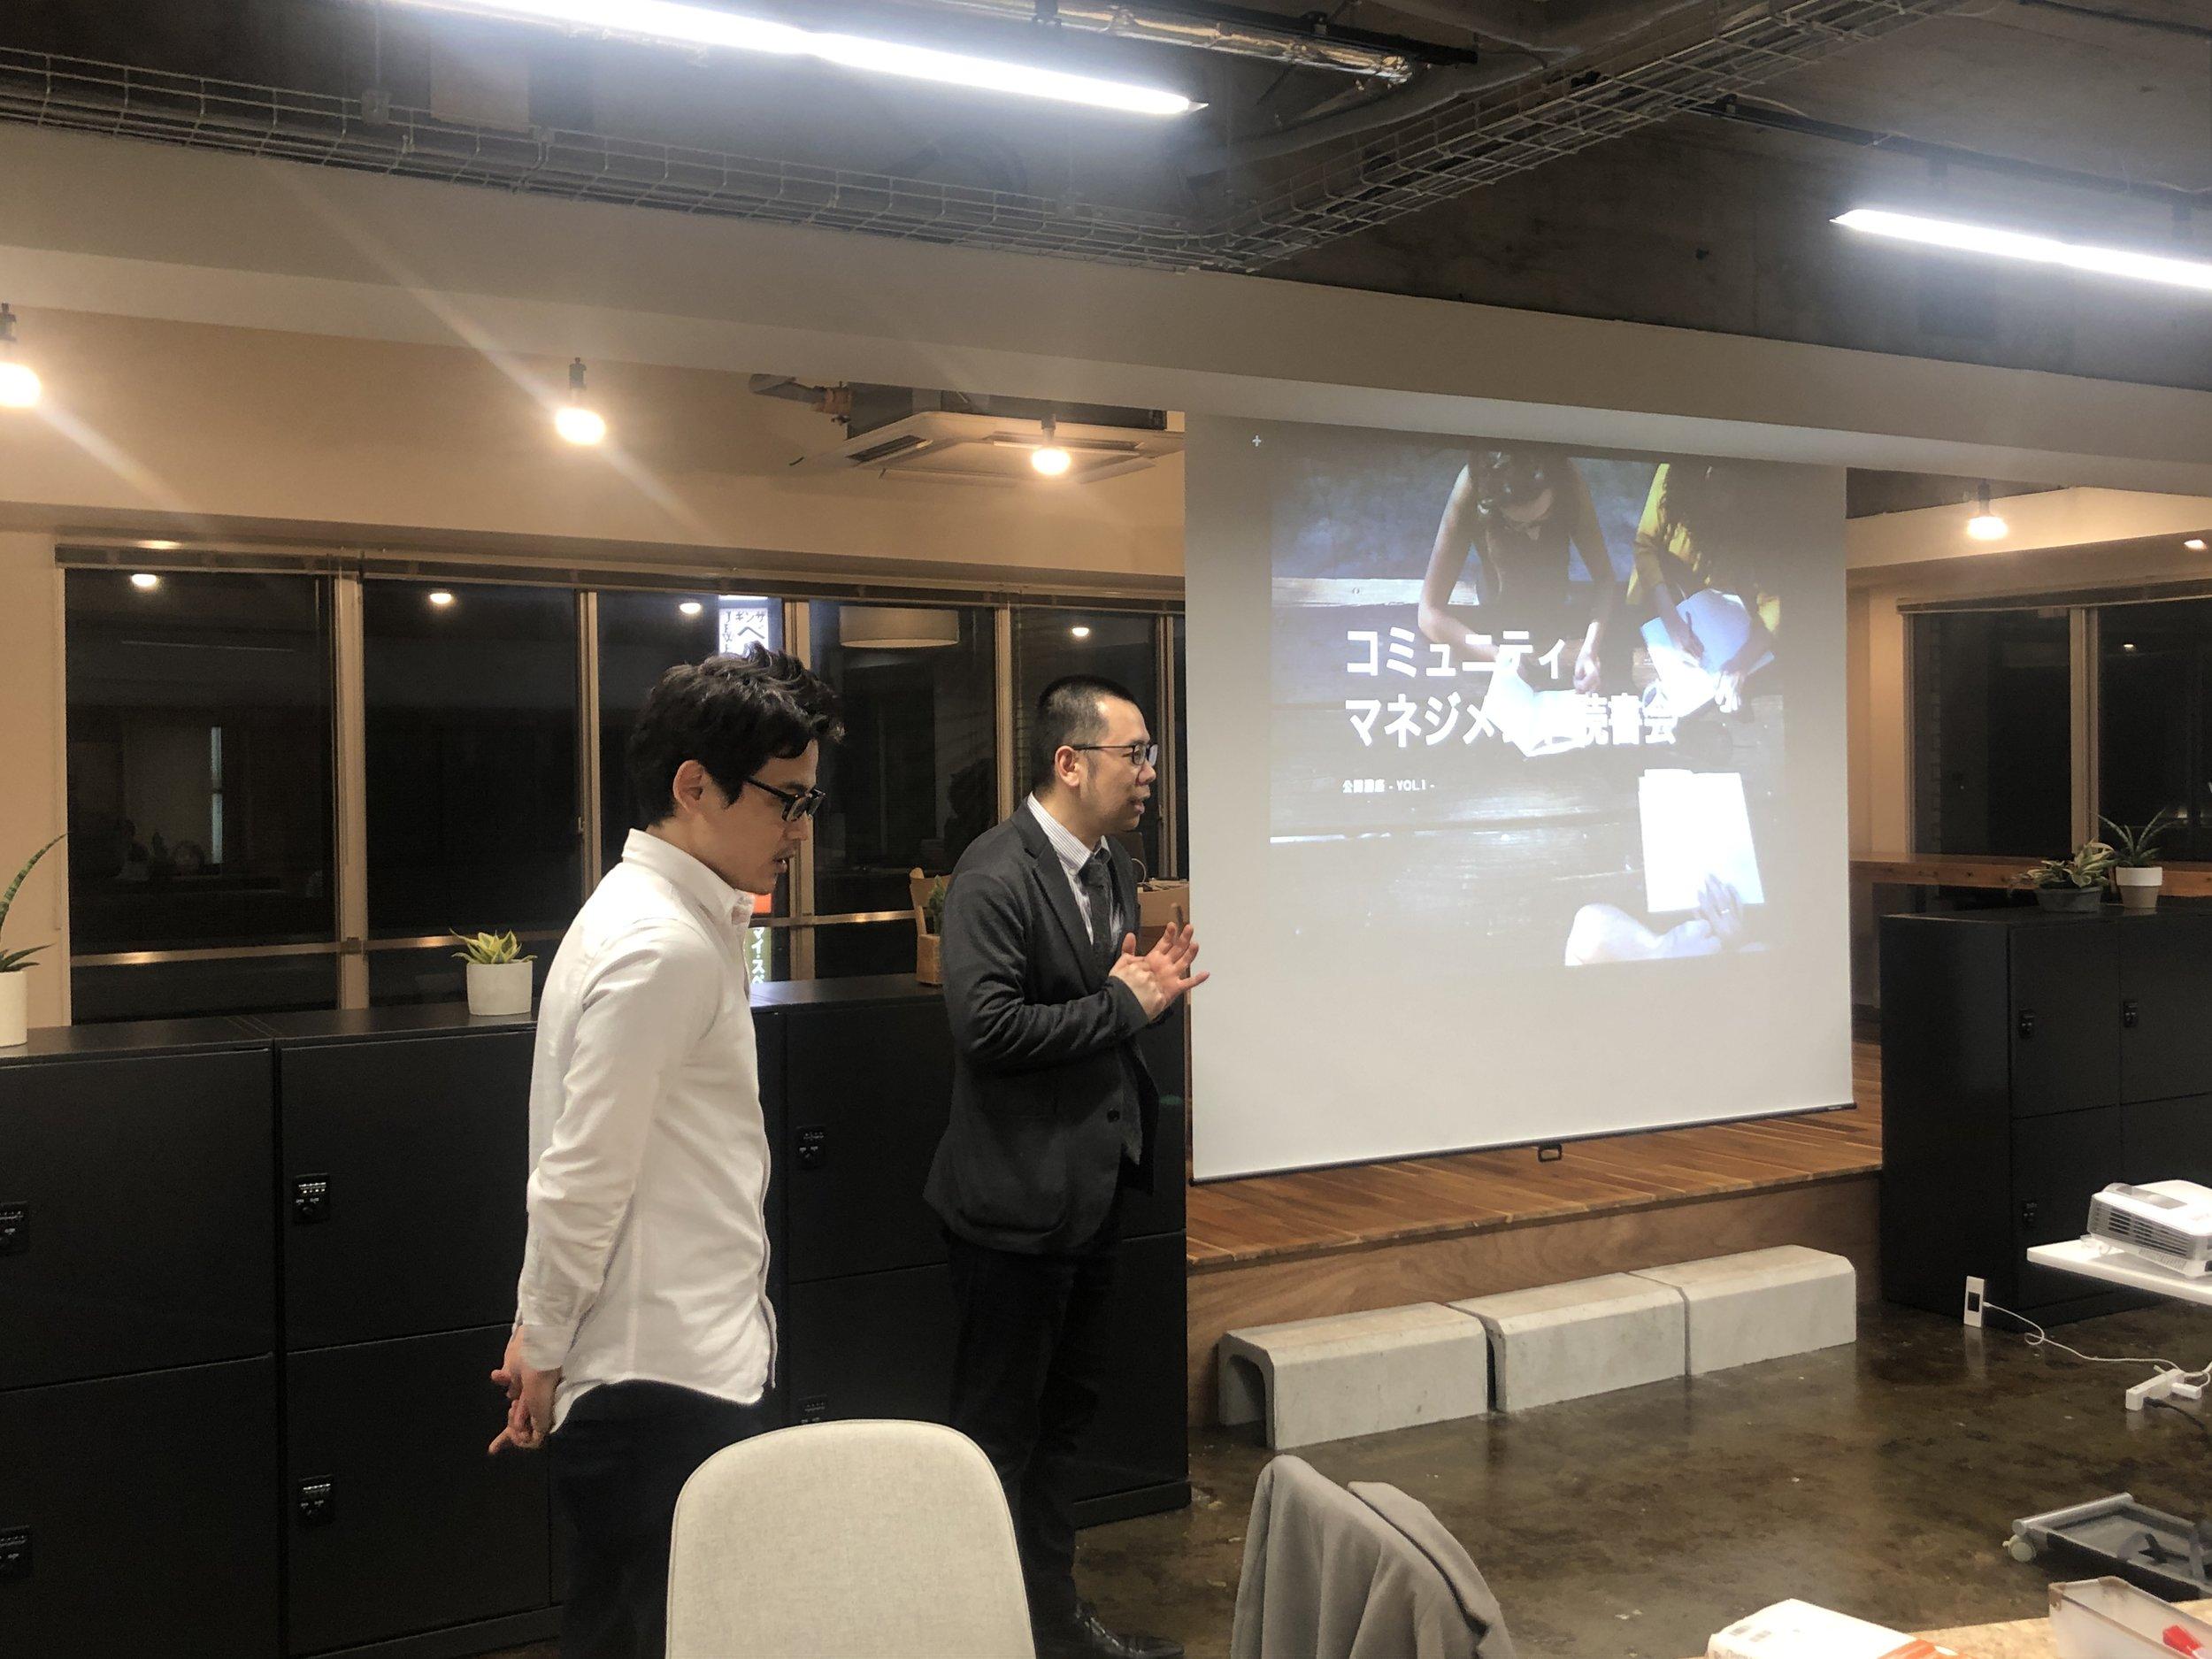 公開講座REPORT - コミュニティーマネジメント読書会Vol.1